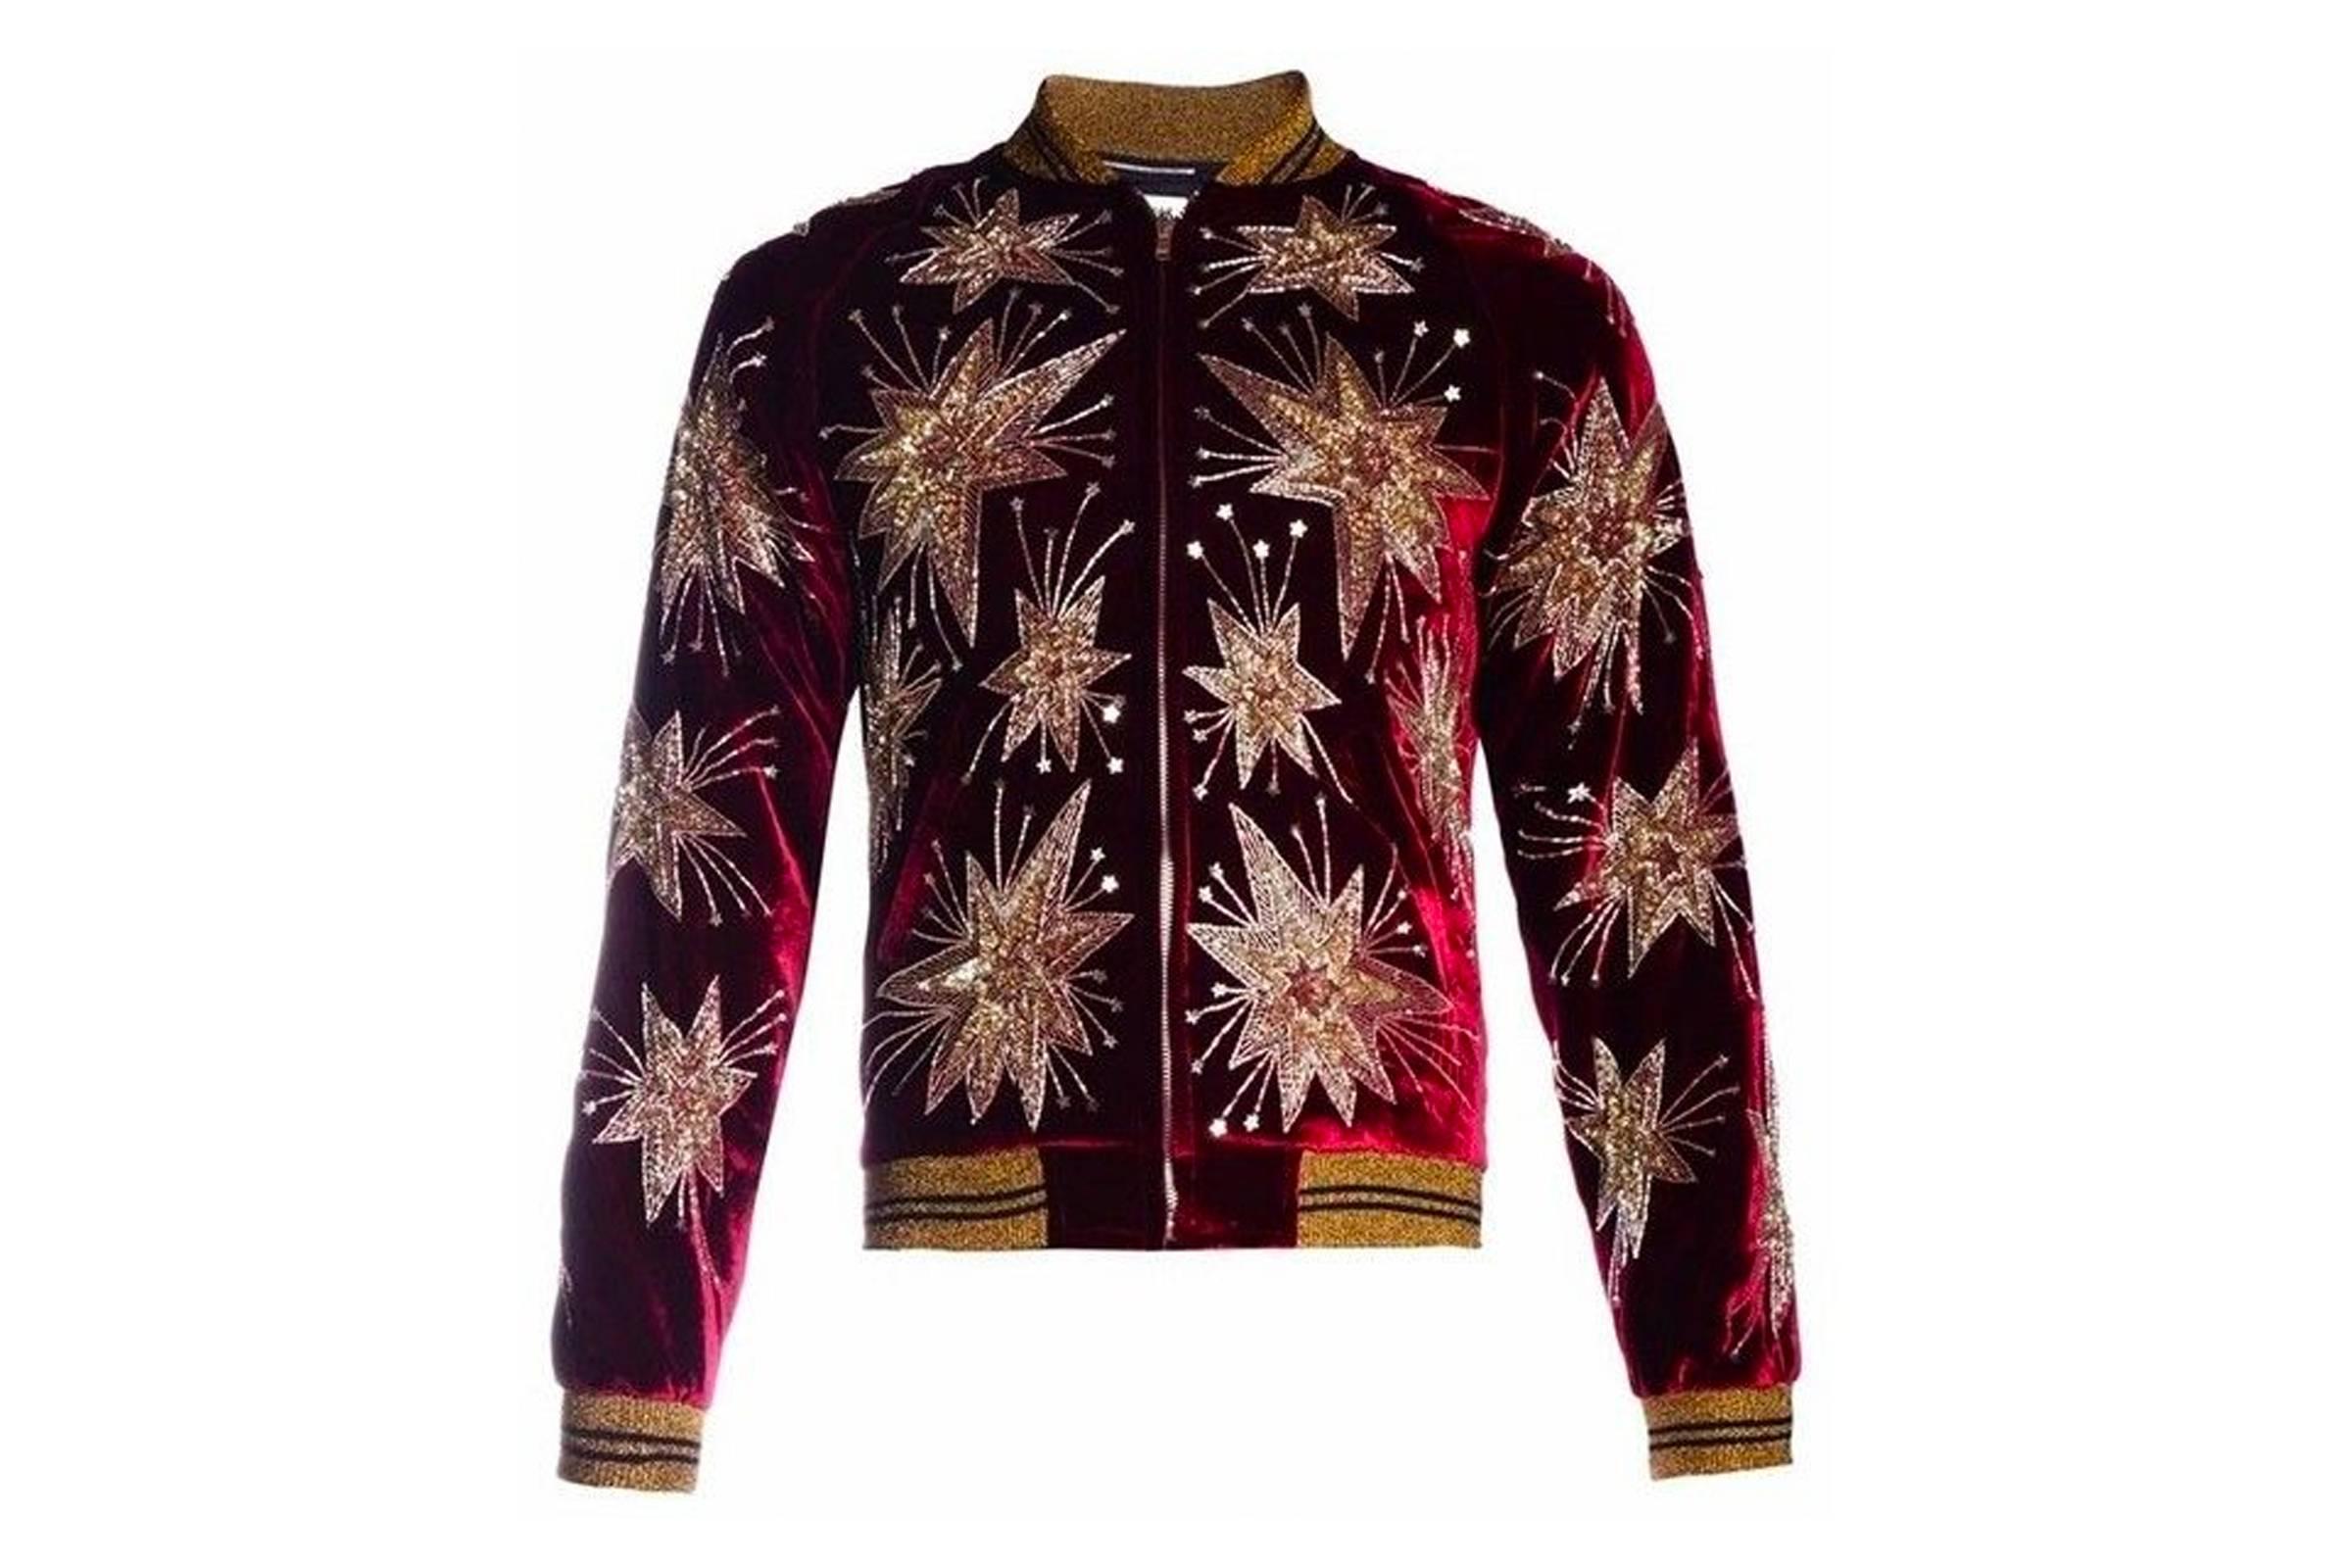 Saint Laurent Paris Firework Embelished Velvet Jacket